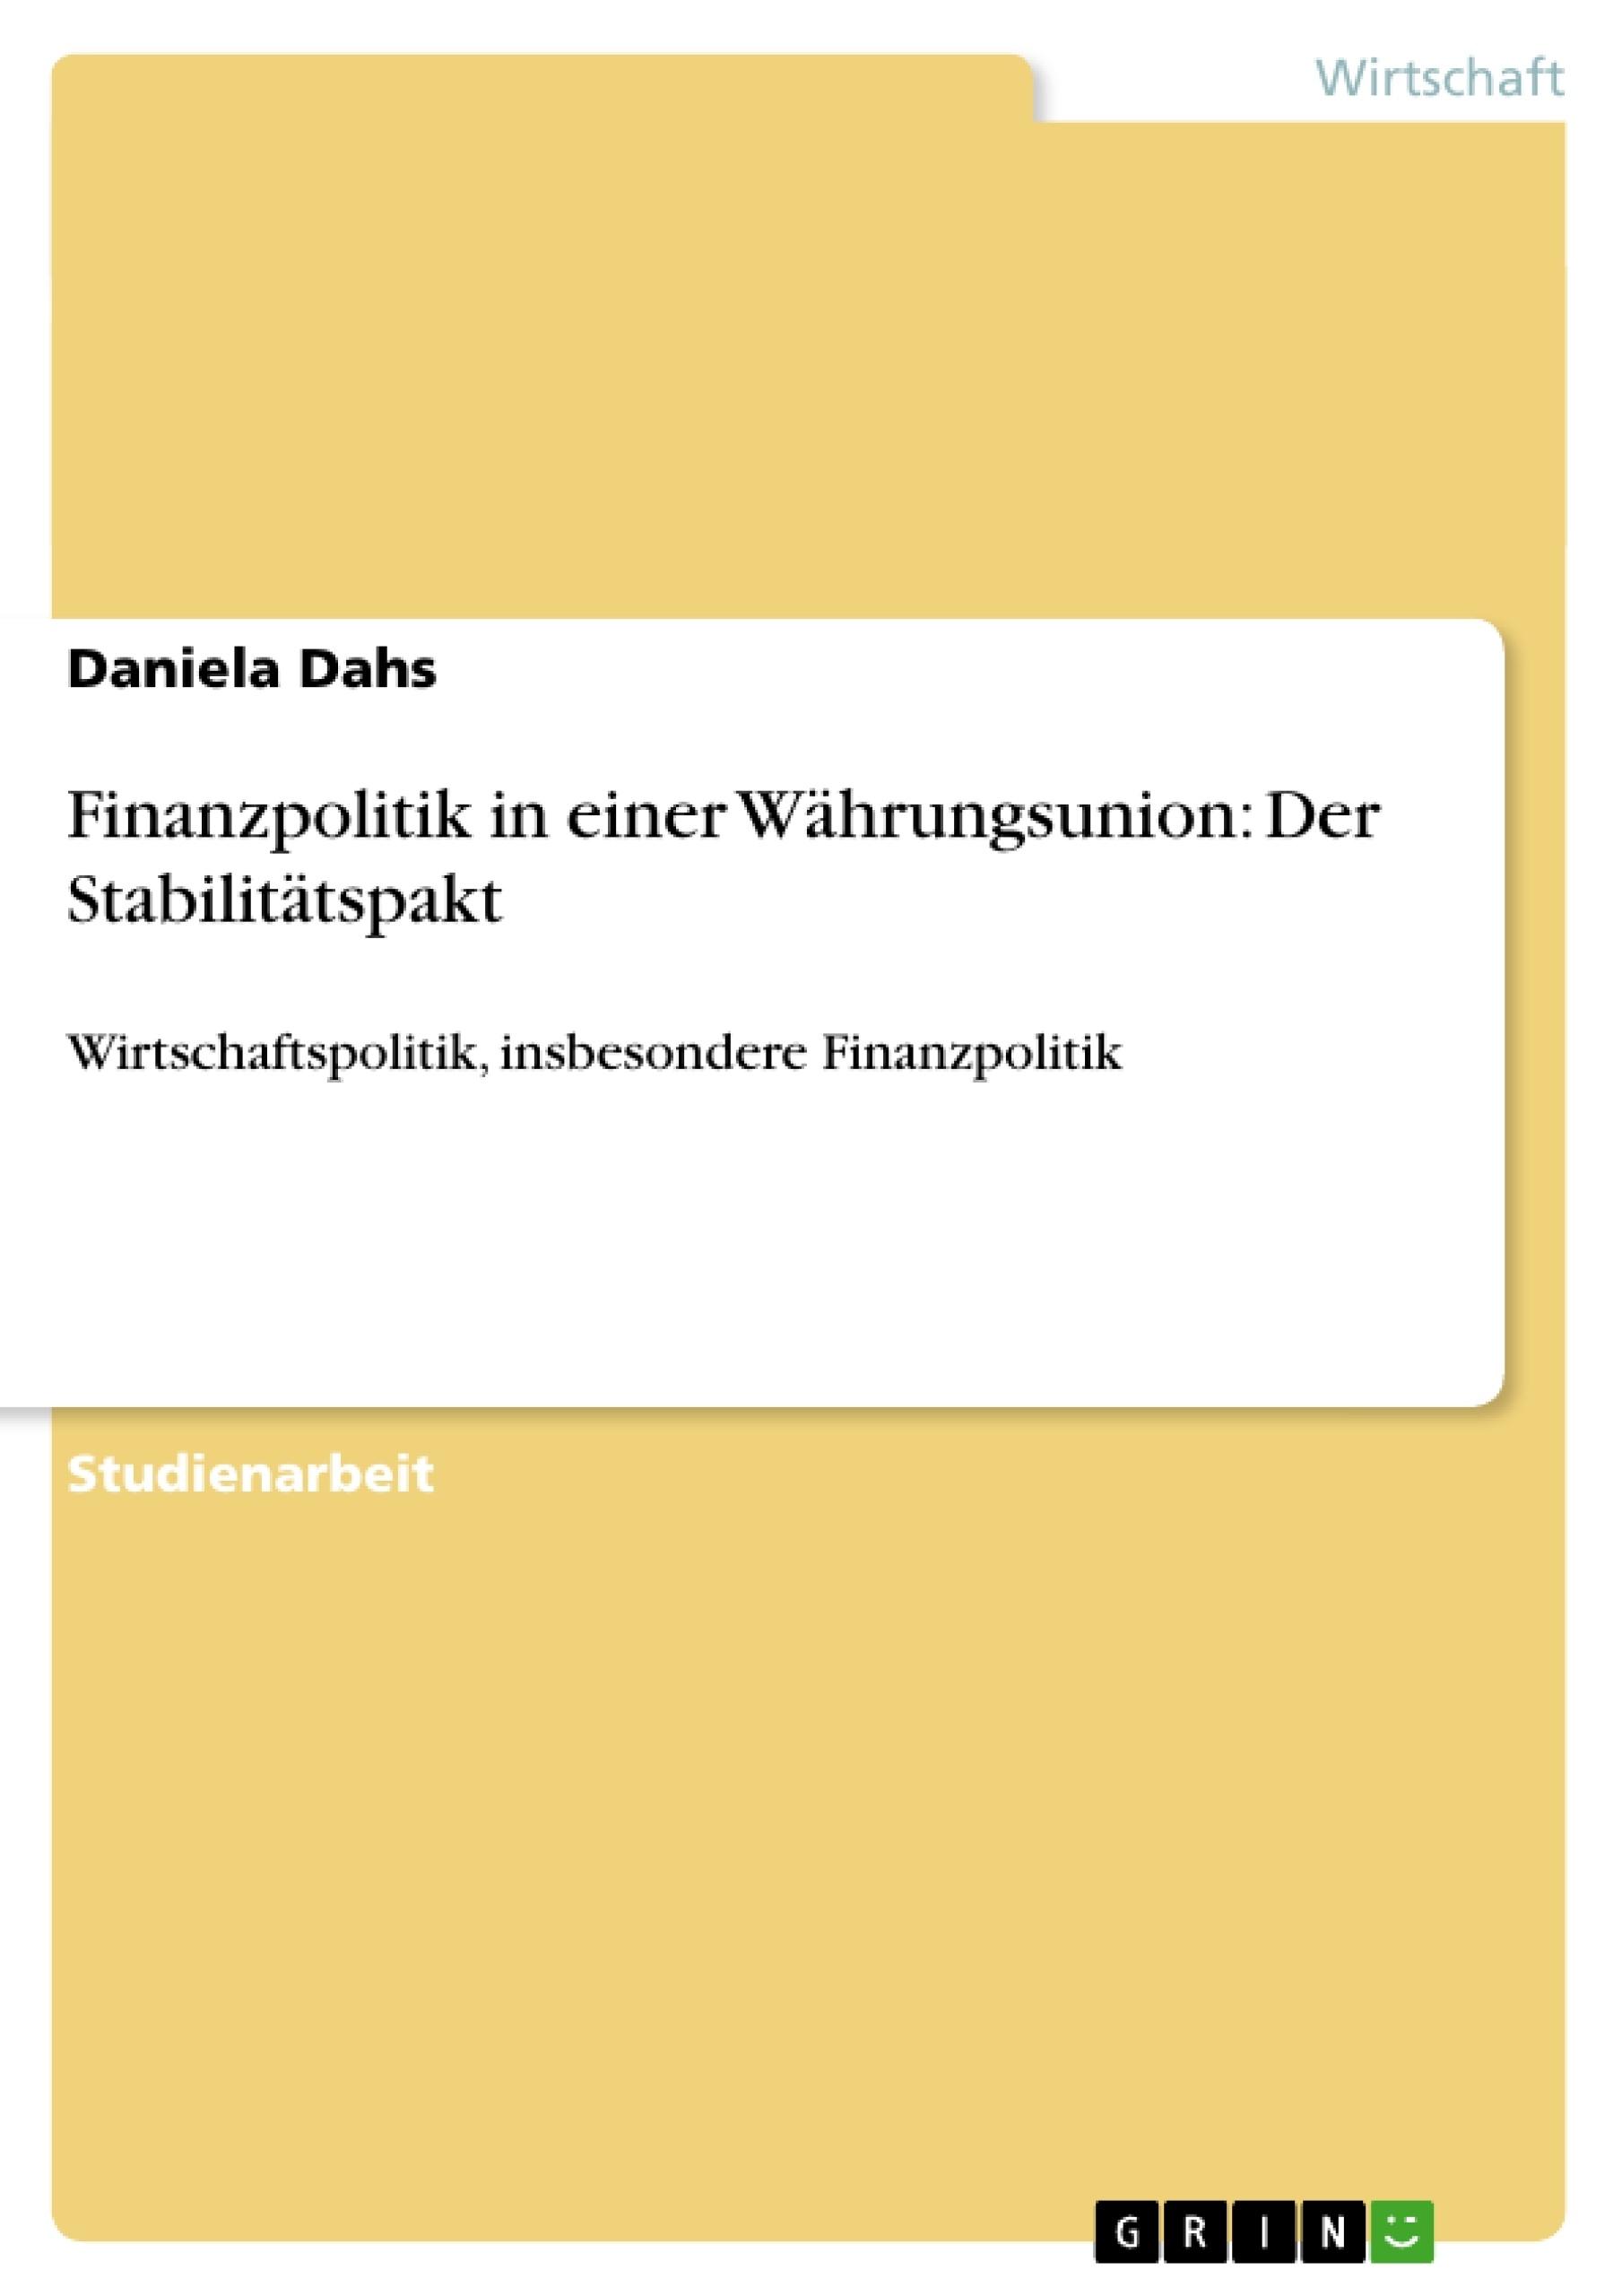 Titel: Finanzpolitik in einer Währungsunion: Der Stabilitätspakt